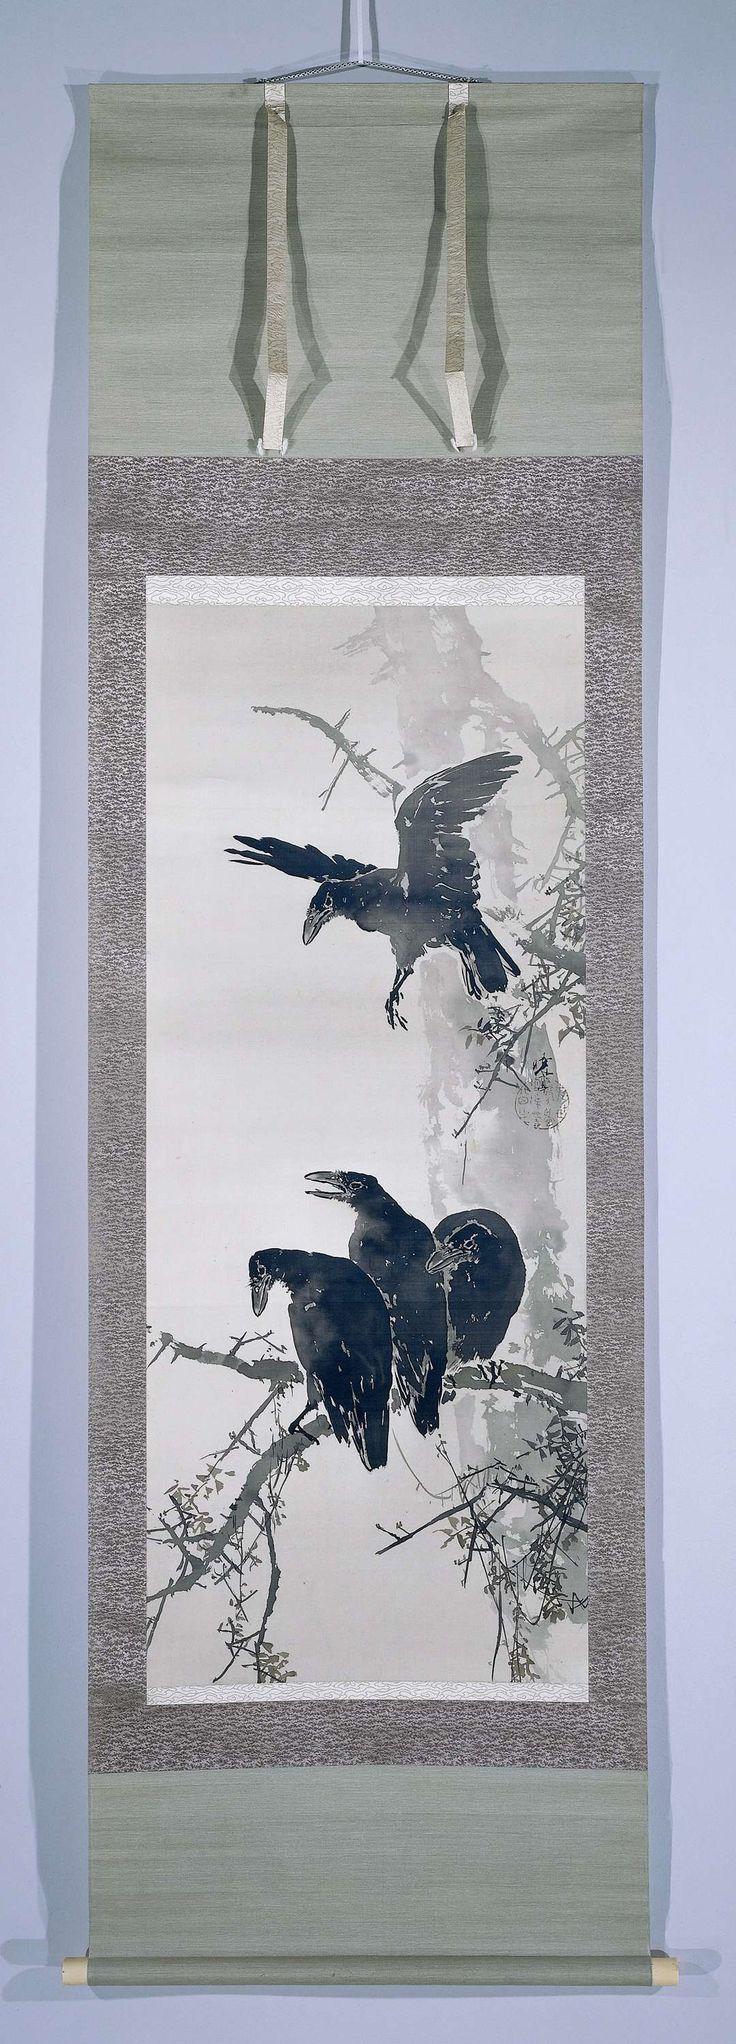 Mano Gyotei | Kraaien op boomtak, Mano Gyotei, c. 1900 - c. 1925 | Drie kraaien gezeten op een boomtak, met nog een kraai die komt aanvliegen.